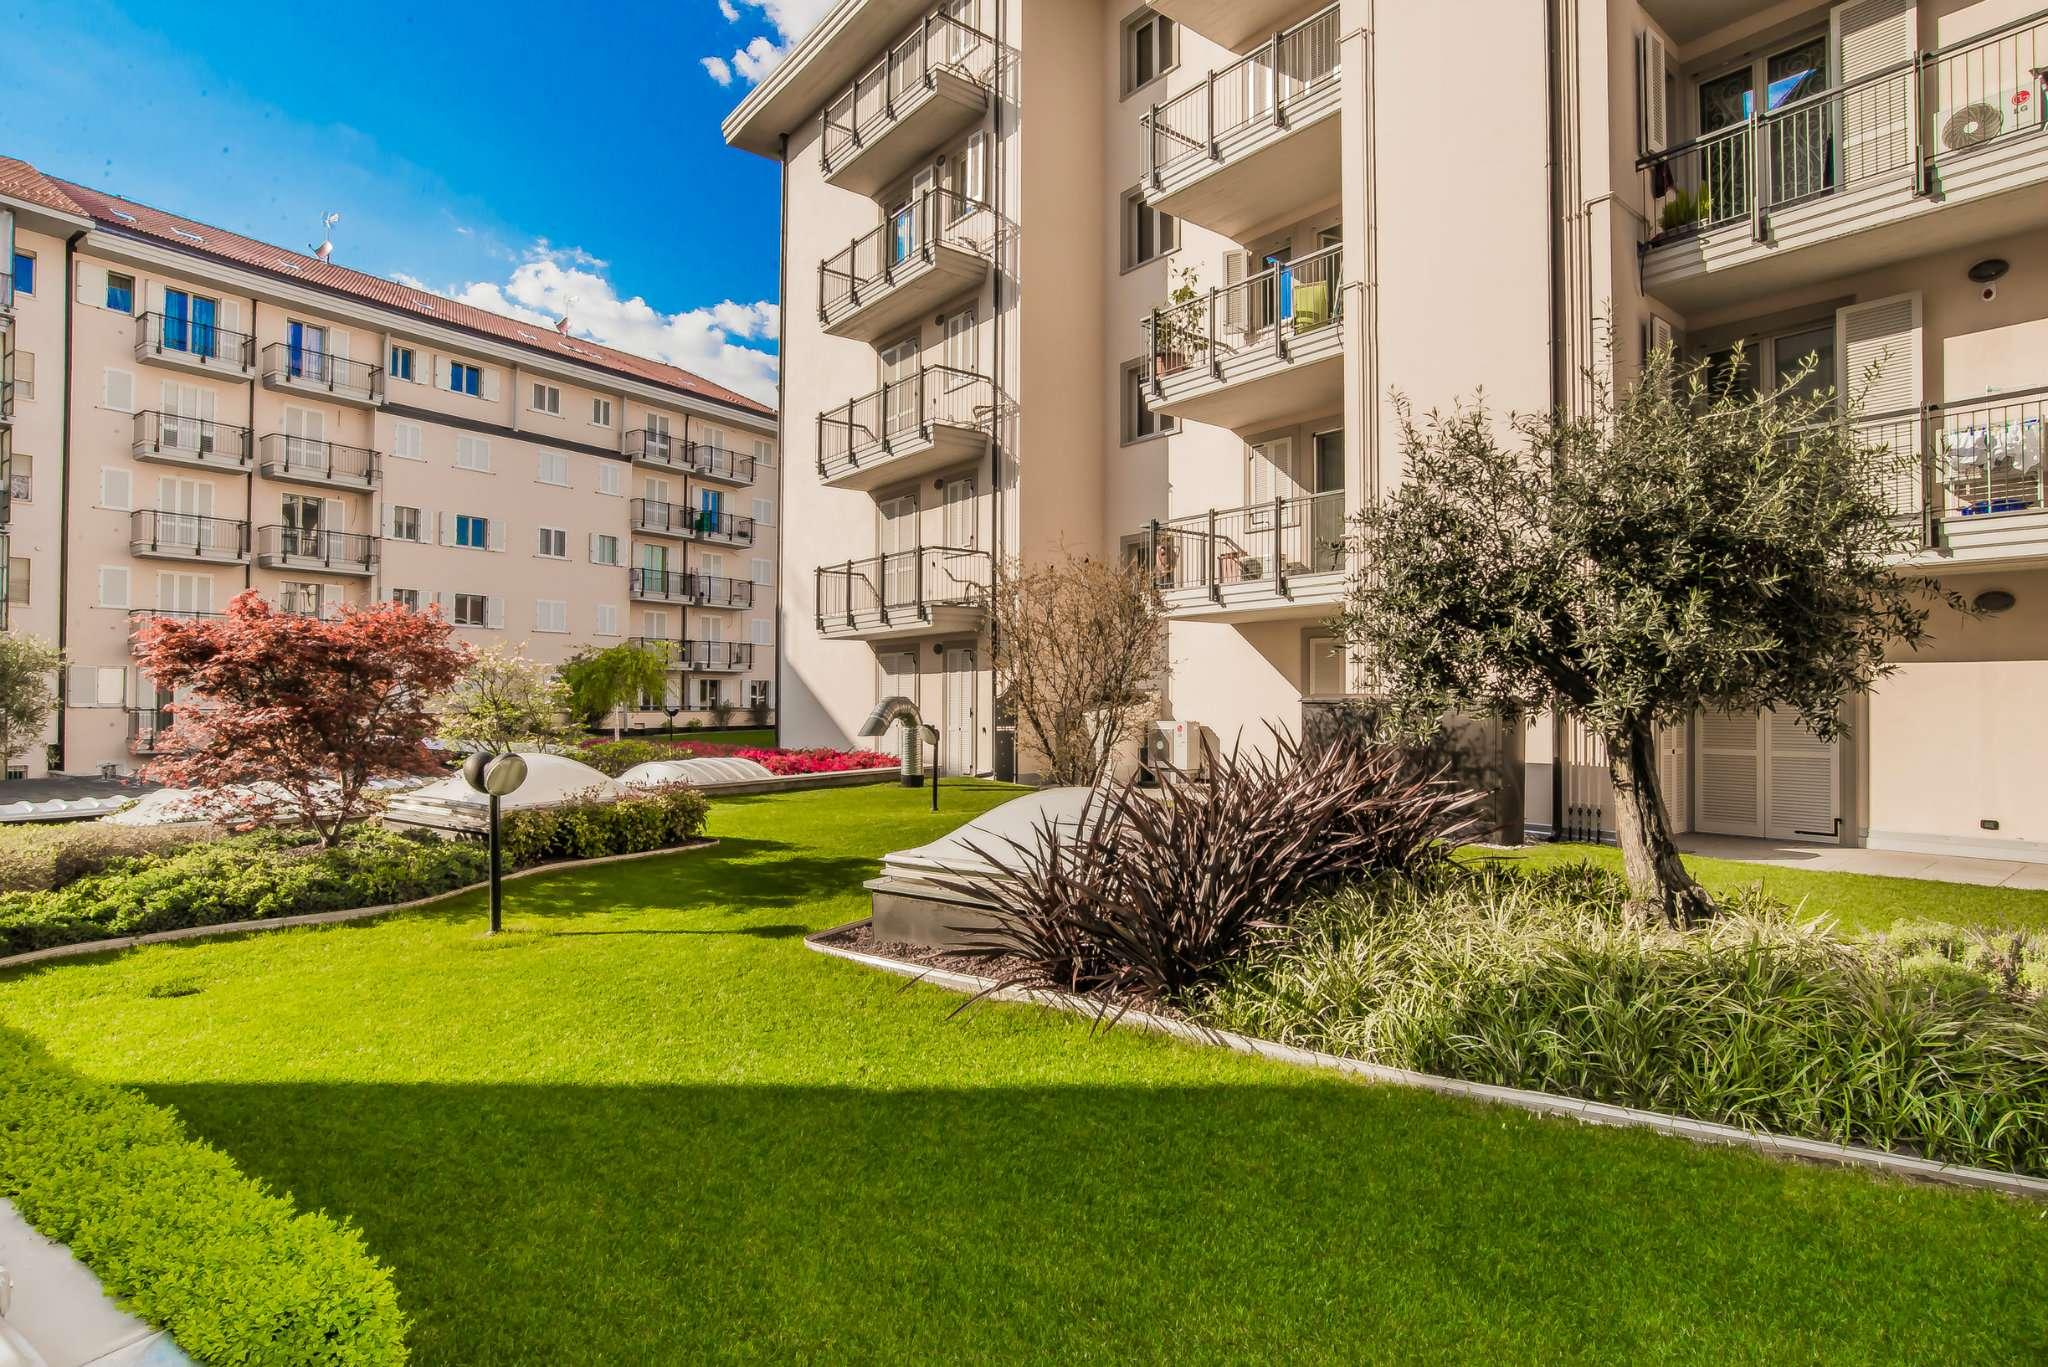 Immagine immobiliare RIVOLI REALE - AMPIO 5 LOCALI RIVOLI REALE, è il nuovo elegante complesso residenziale che sorge nel pieno centro di Rivoli.Ultimi appartamenti in classe A, di diverse tipologie per rispondere alle esigenze più varie, dal...